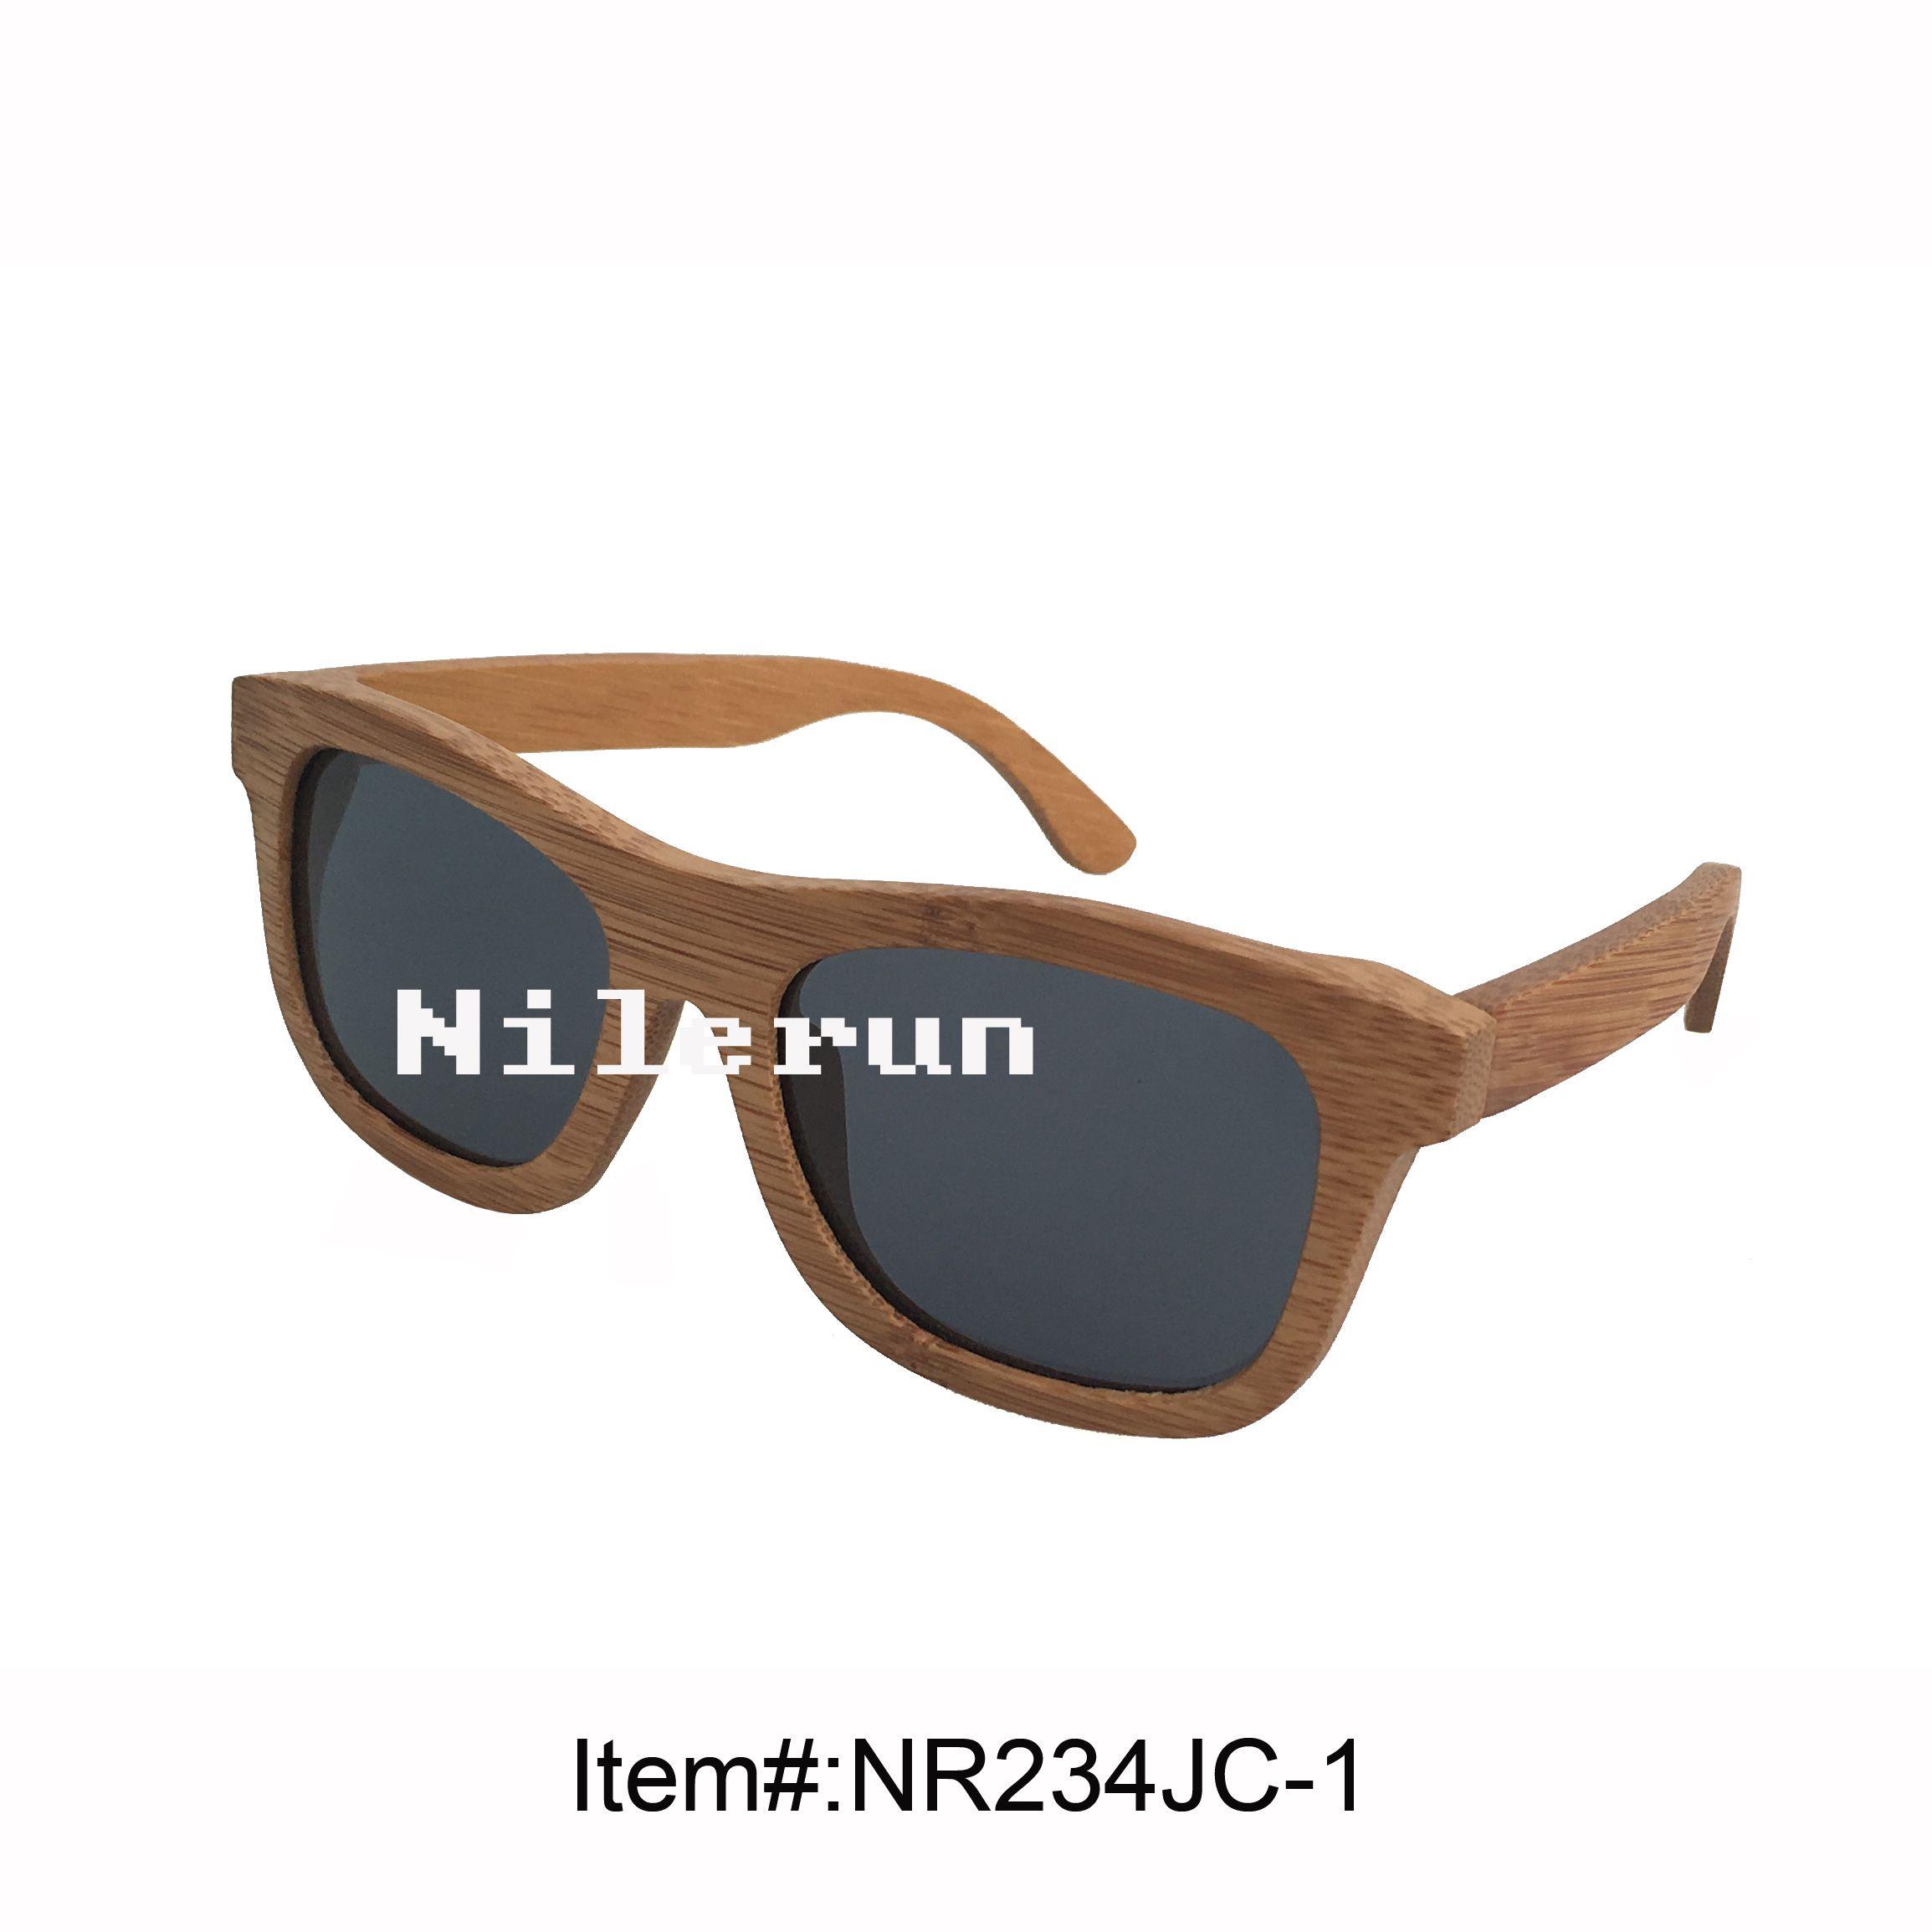 lunettes de soleil en bambou polarisées grises pour hommes unisexes